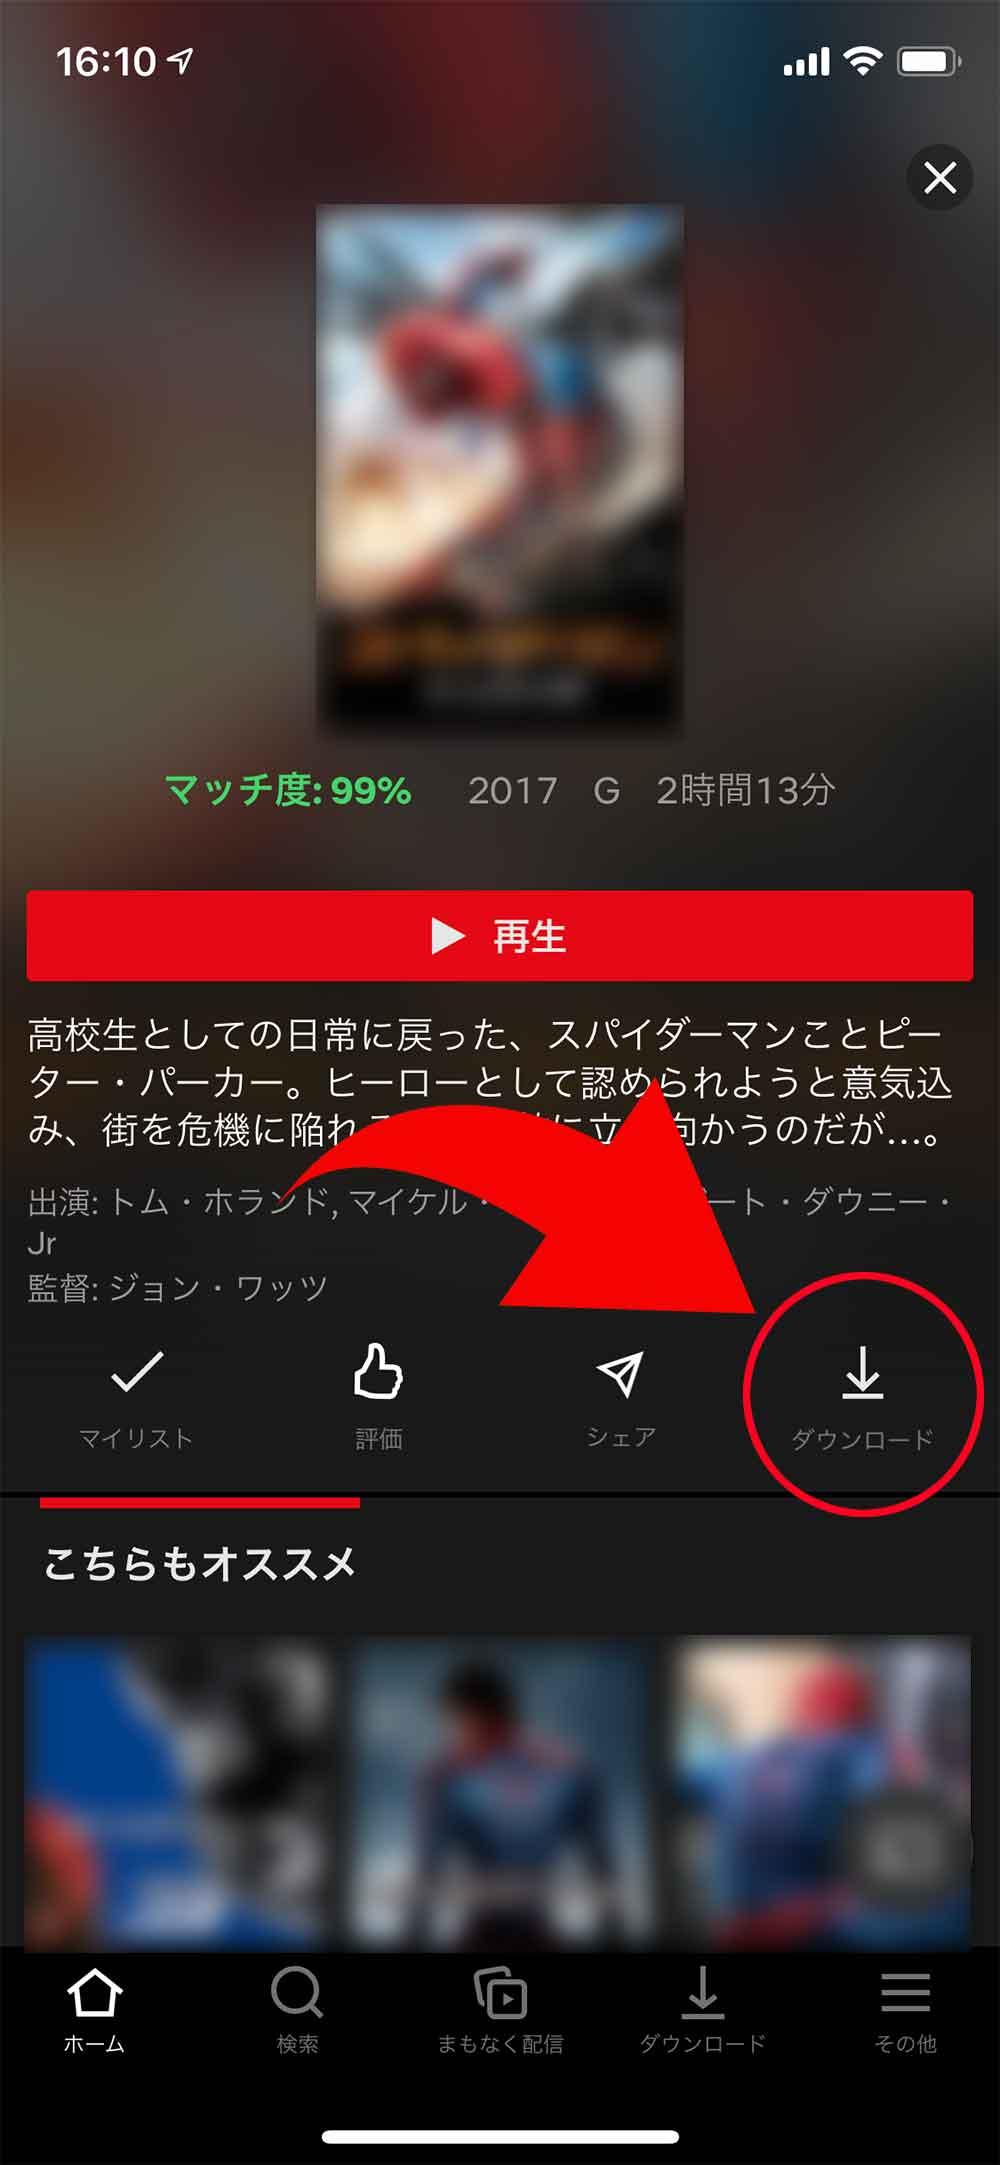 Netflixのダウンロード機能